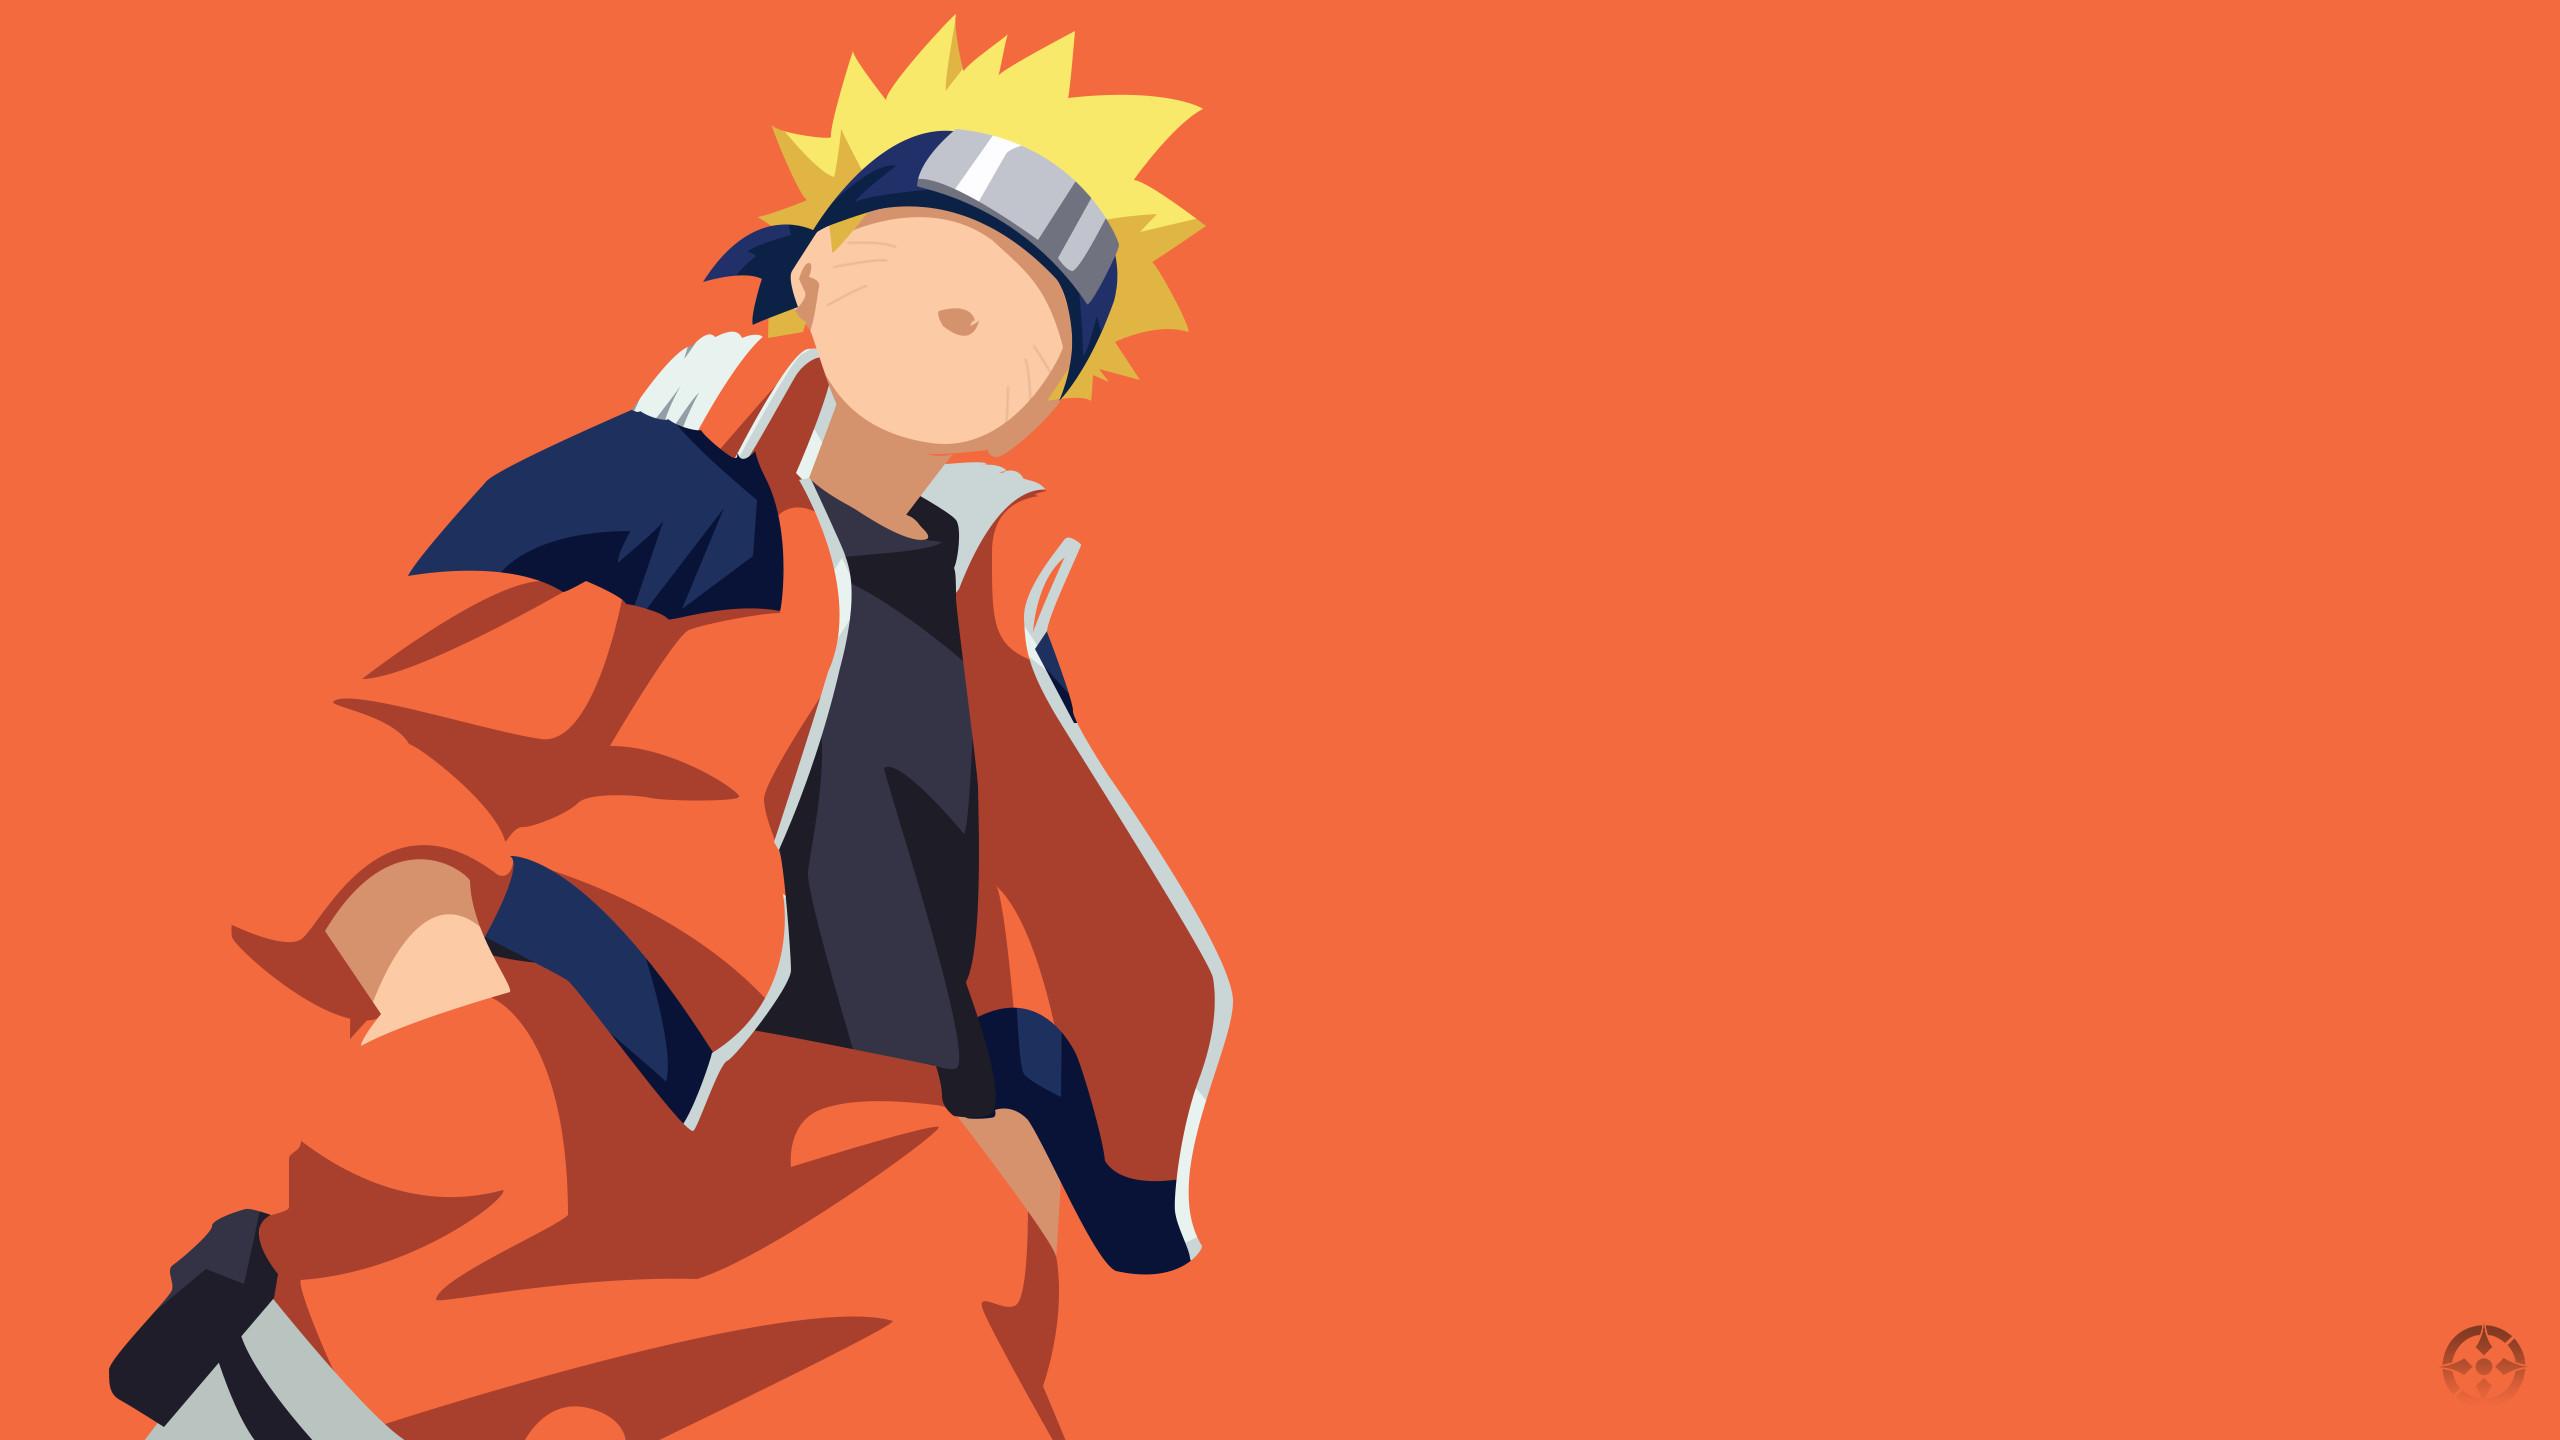 Naruto Wallpaper Hd 2560x1440 Wallpaper Teahub Io